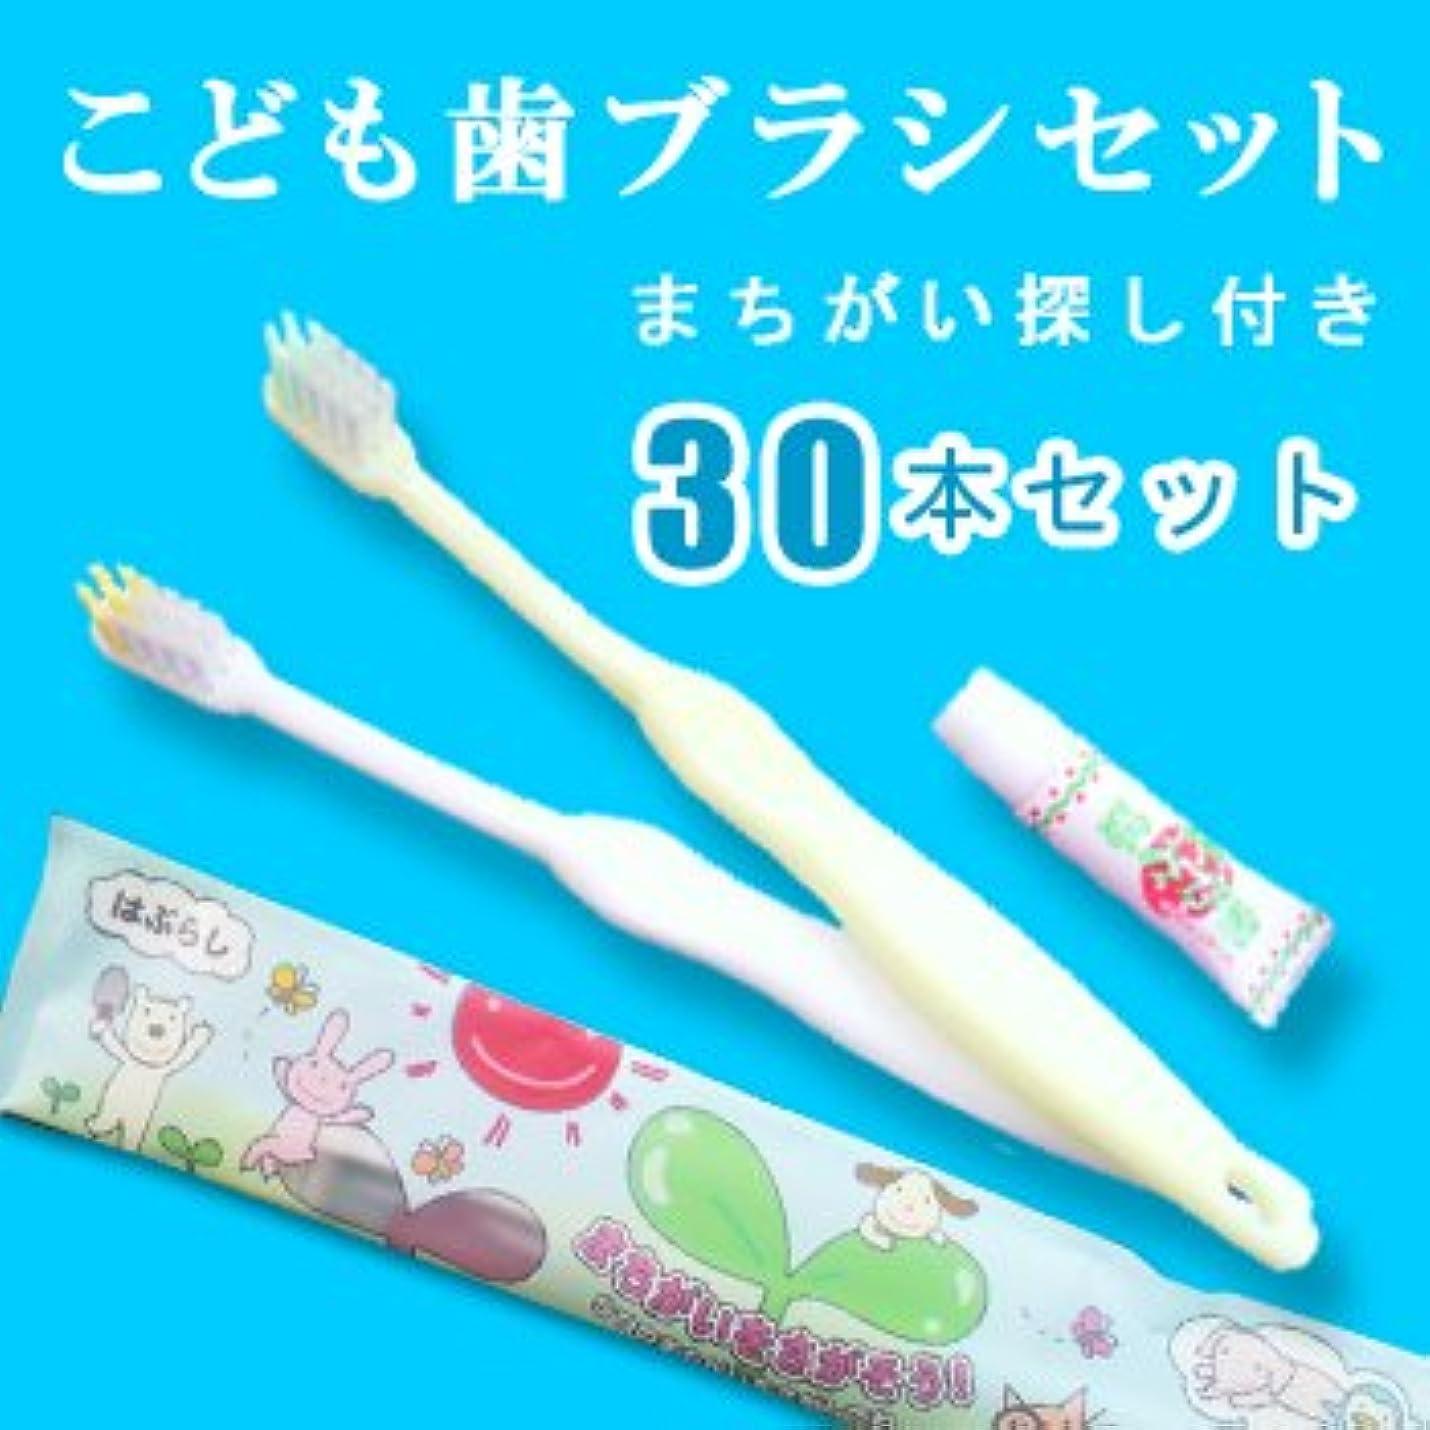 ビスケット申請者返還こども歯ブラシ いちご味の歯磨き粉3gチューブ付 ホワイト?イエロー各15本アソート(1セット30本)